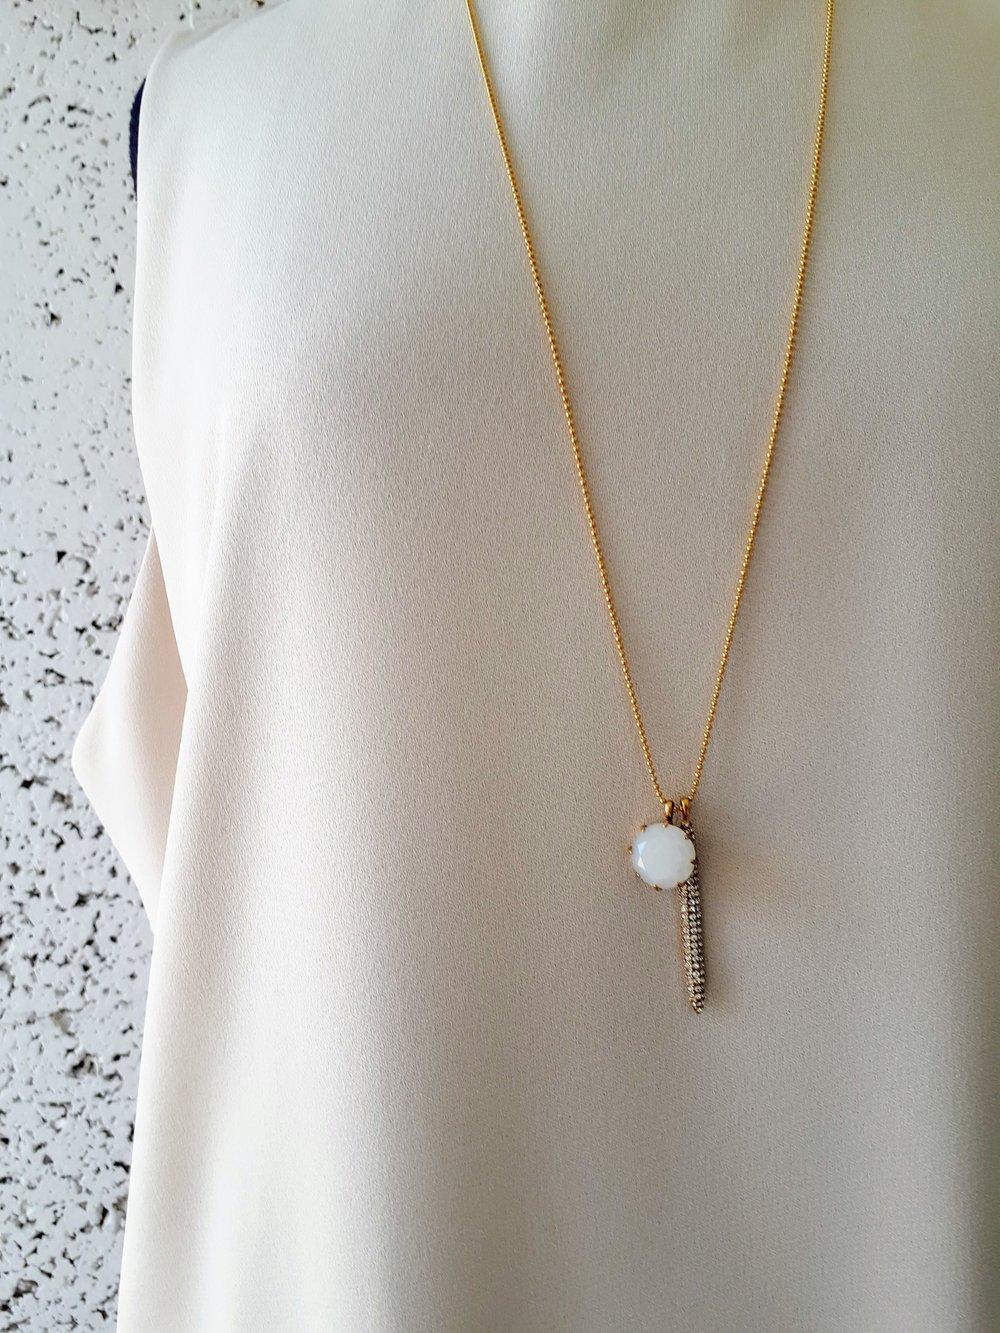 J Crew necklace. $30